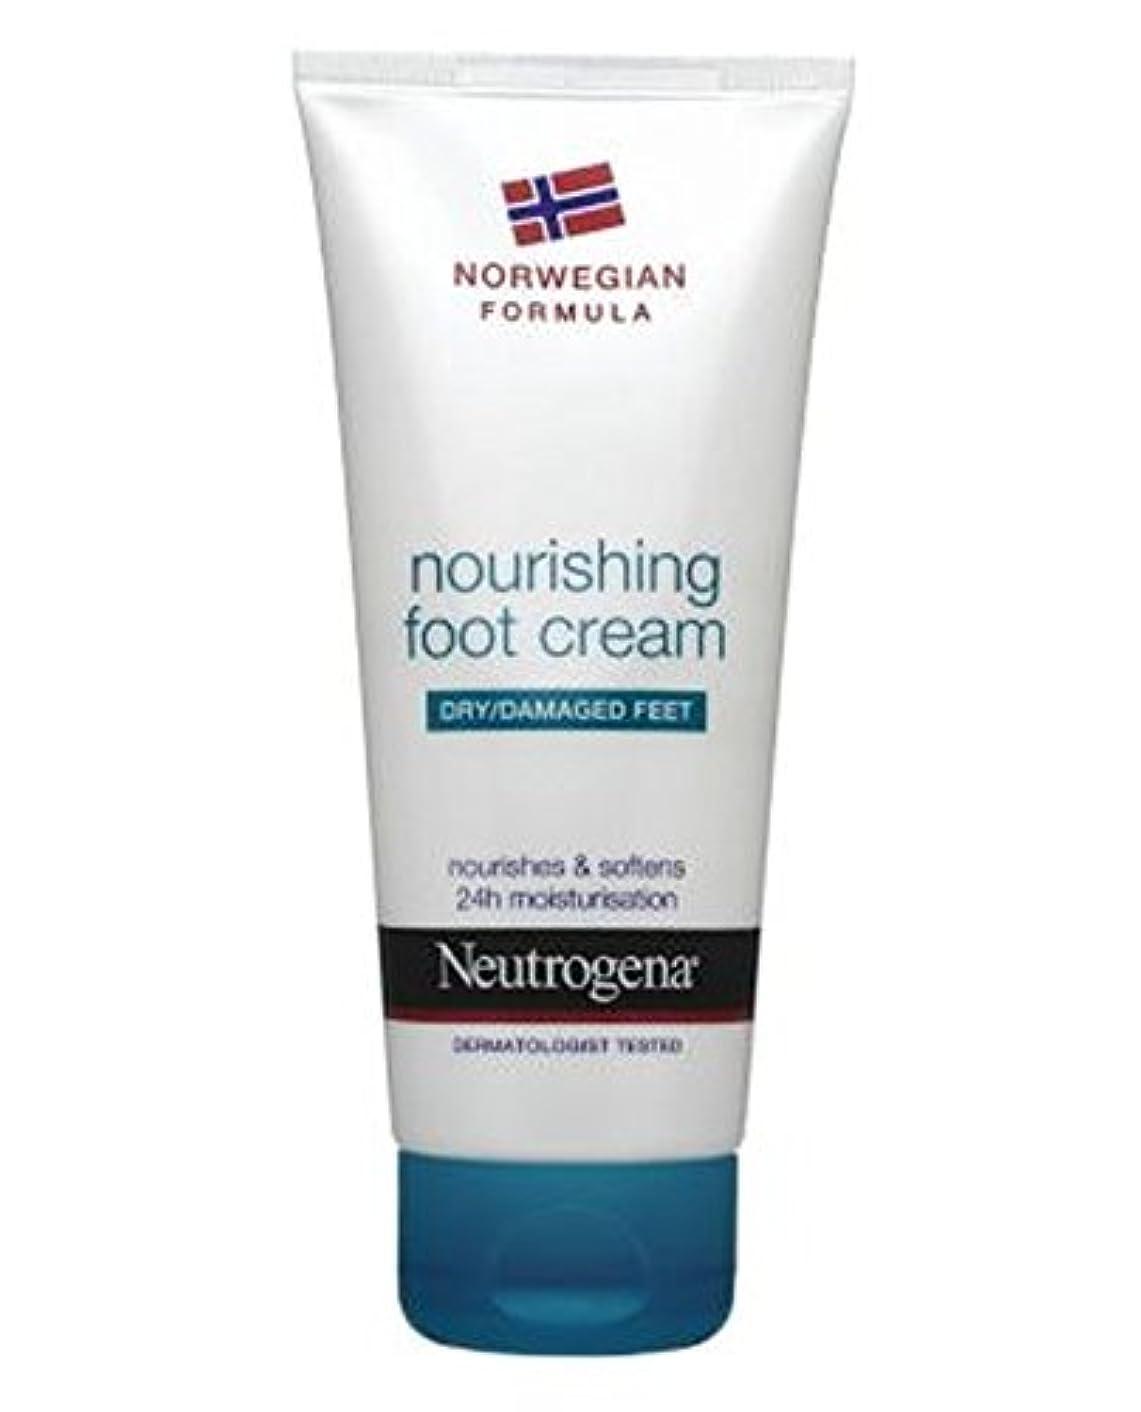 観察現実的使役Neutrogena Norwegian Formula Nourishing Foot Cream For Dry Or Damaged Feet 100ml - 100ミリリットル乾燥または損傷した足のためのニュートロジーナノルウェー式栄養フットクリーム (Neutrogena Norwegian Formula) [並行輸入品]